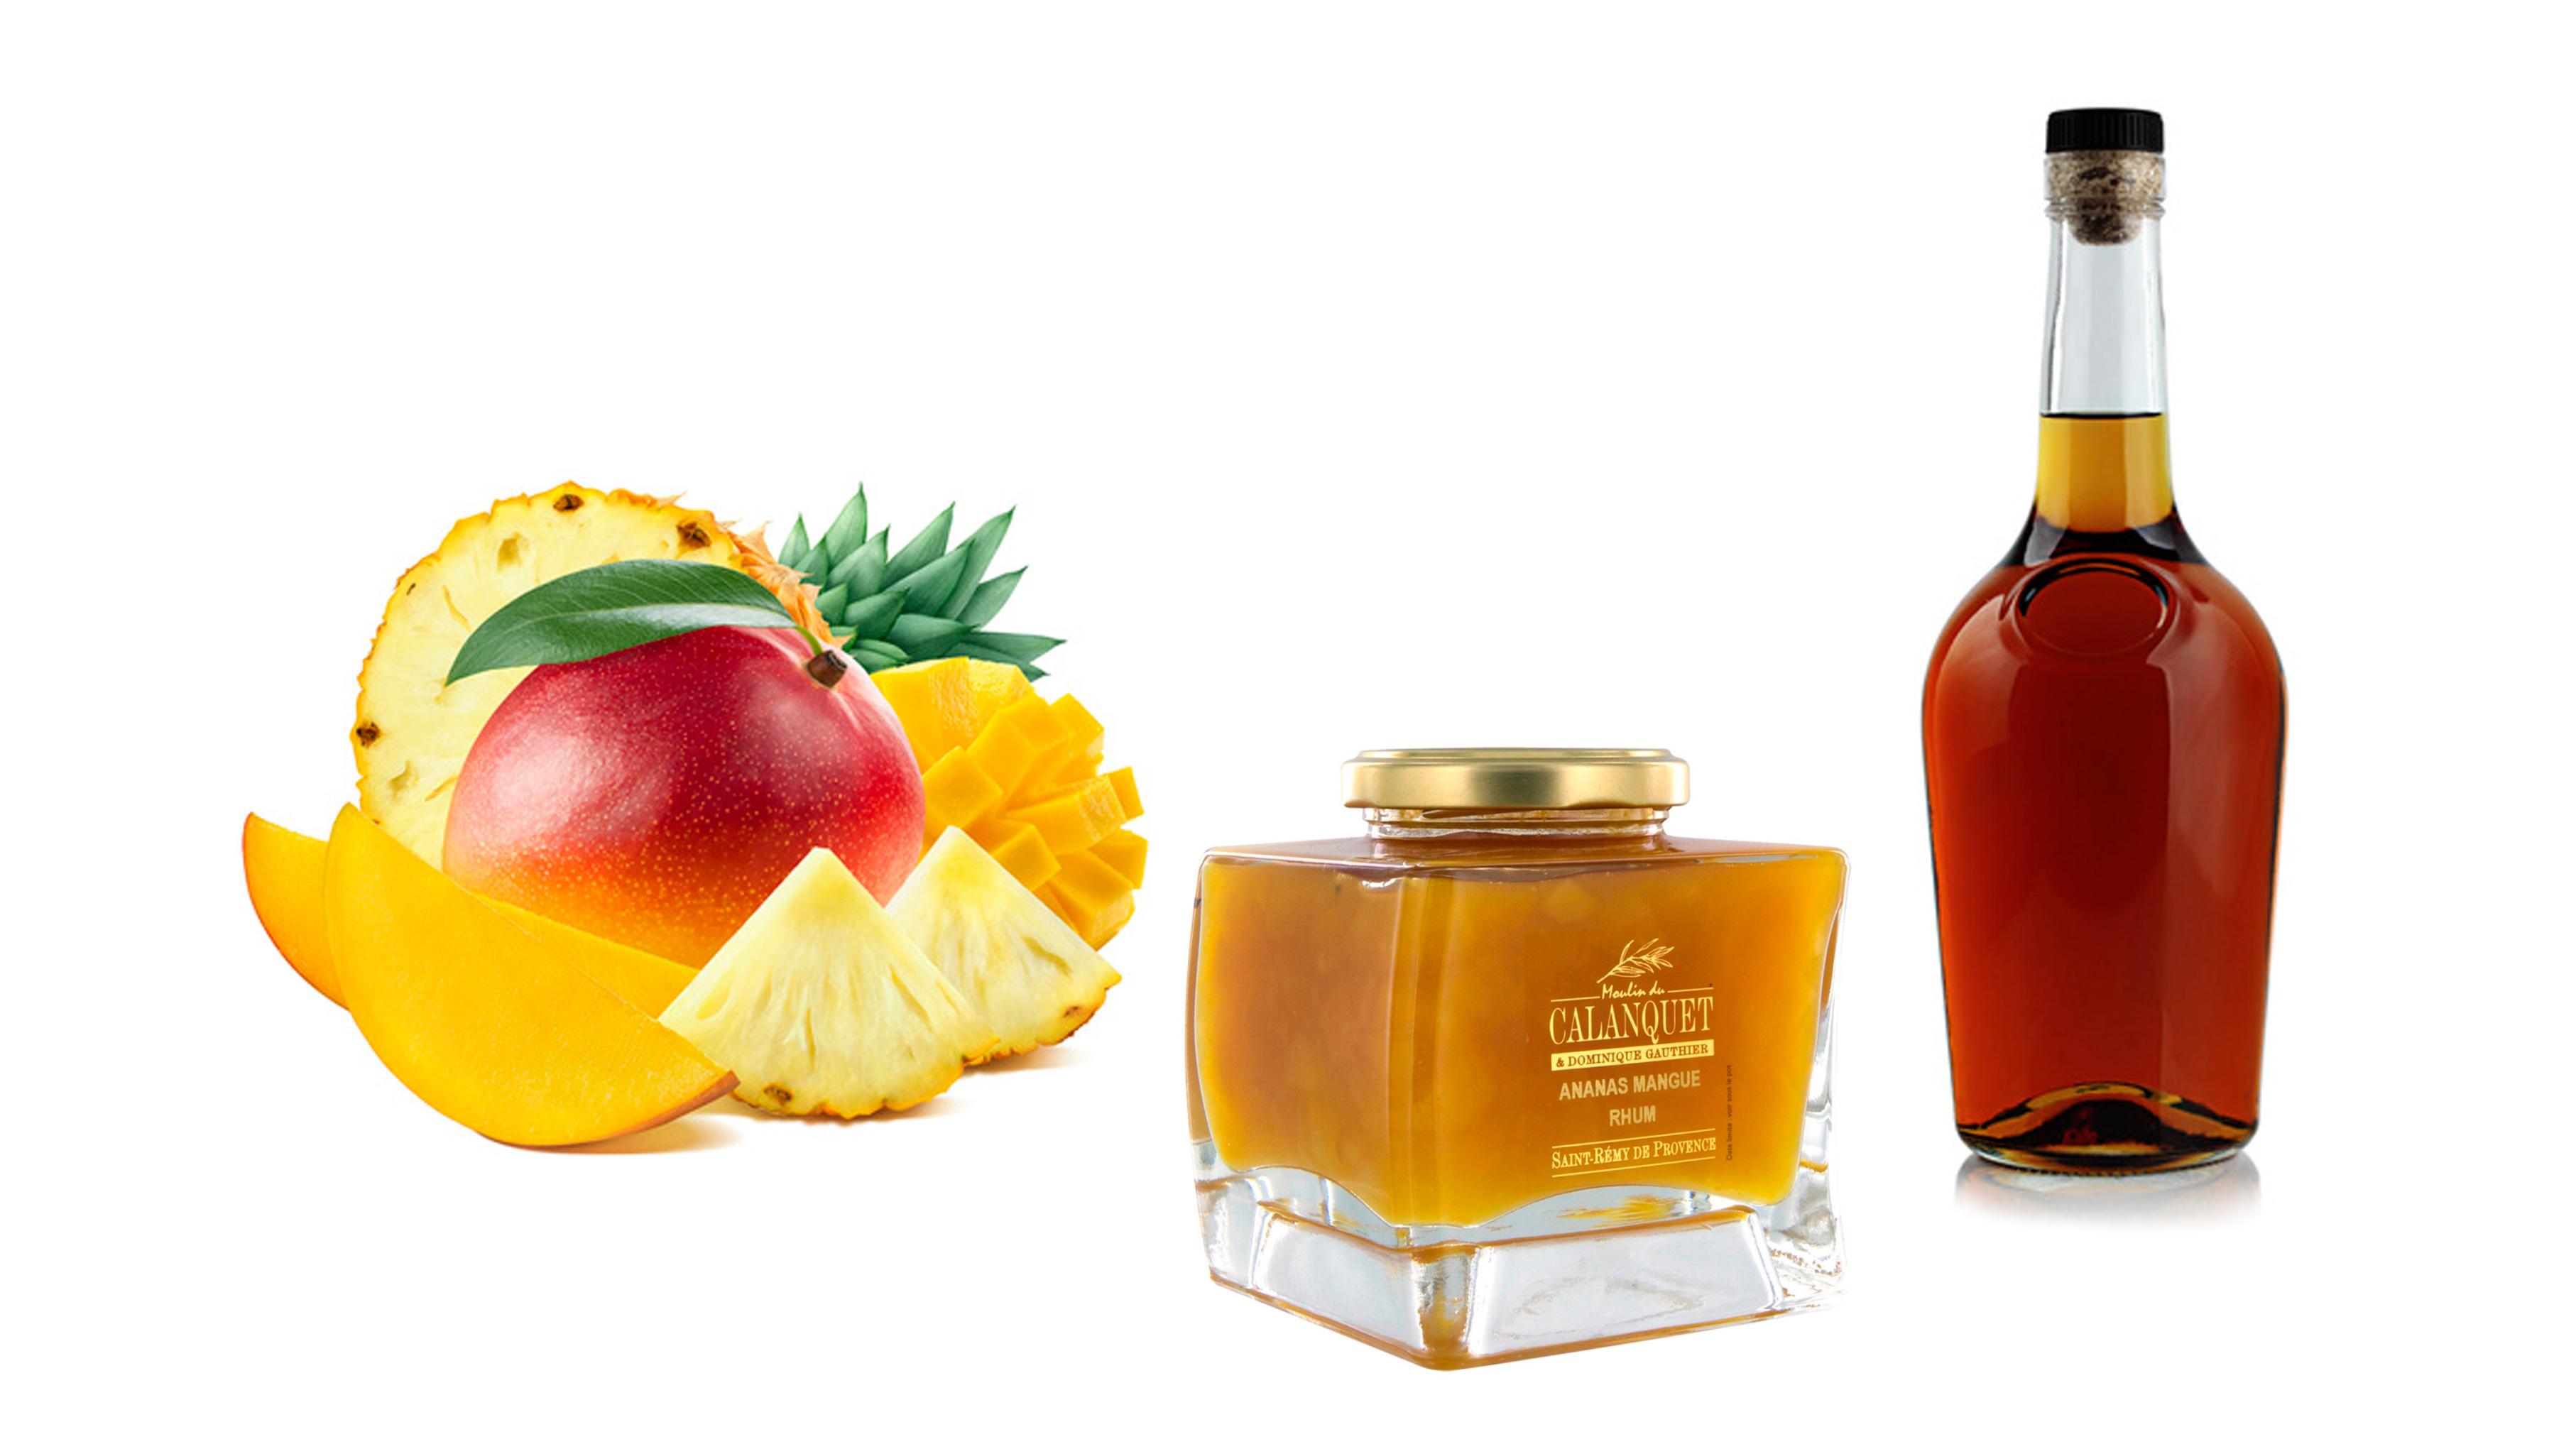 Ananas Mangue Rhum : Un peu d'exotisme en cette période hivernale !!!